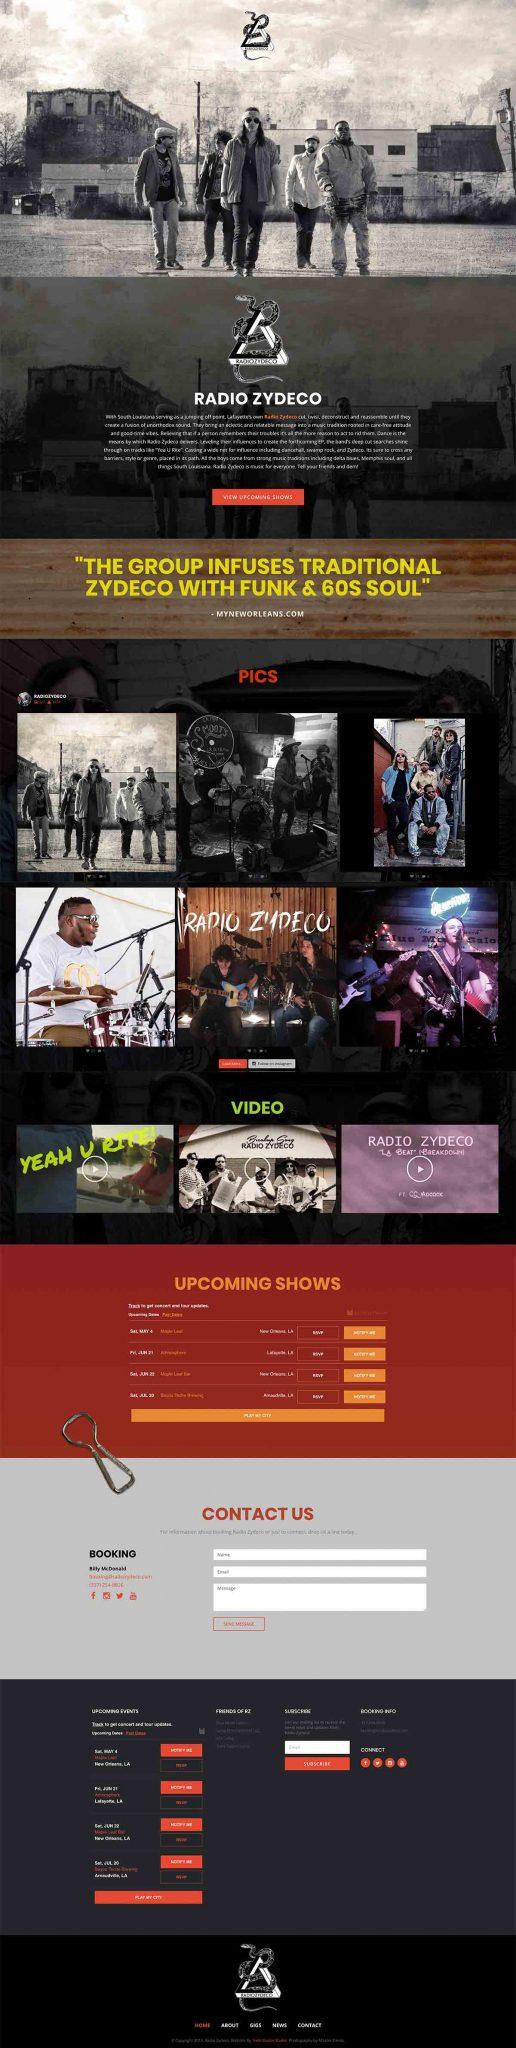 Radio Zydeco Website